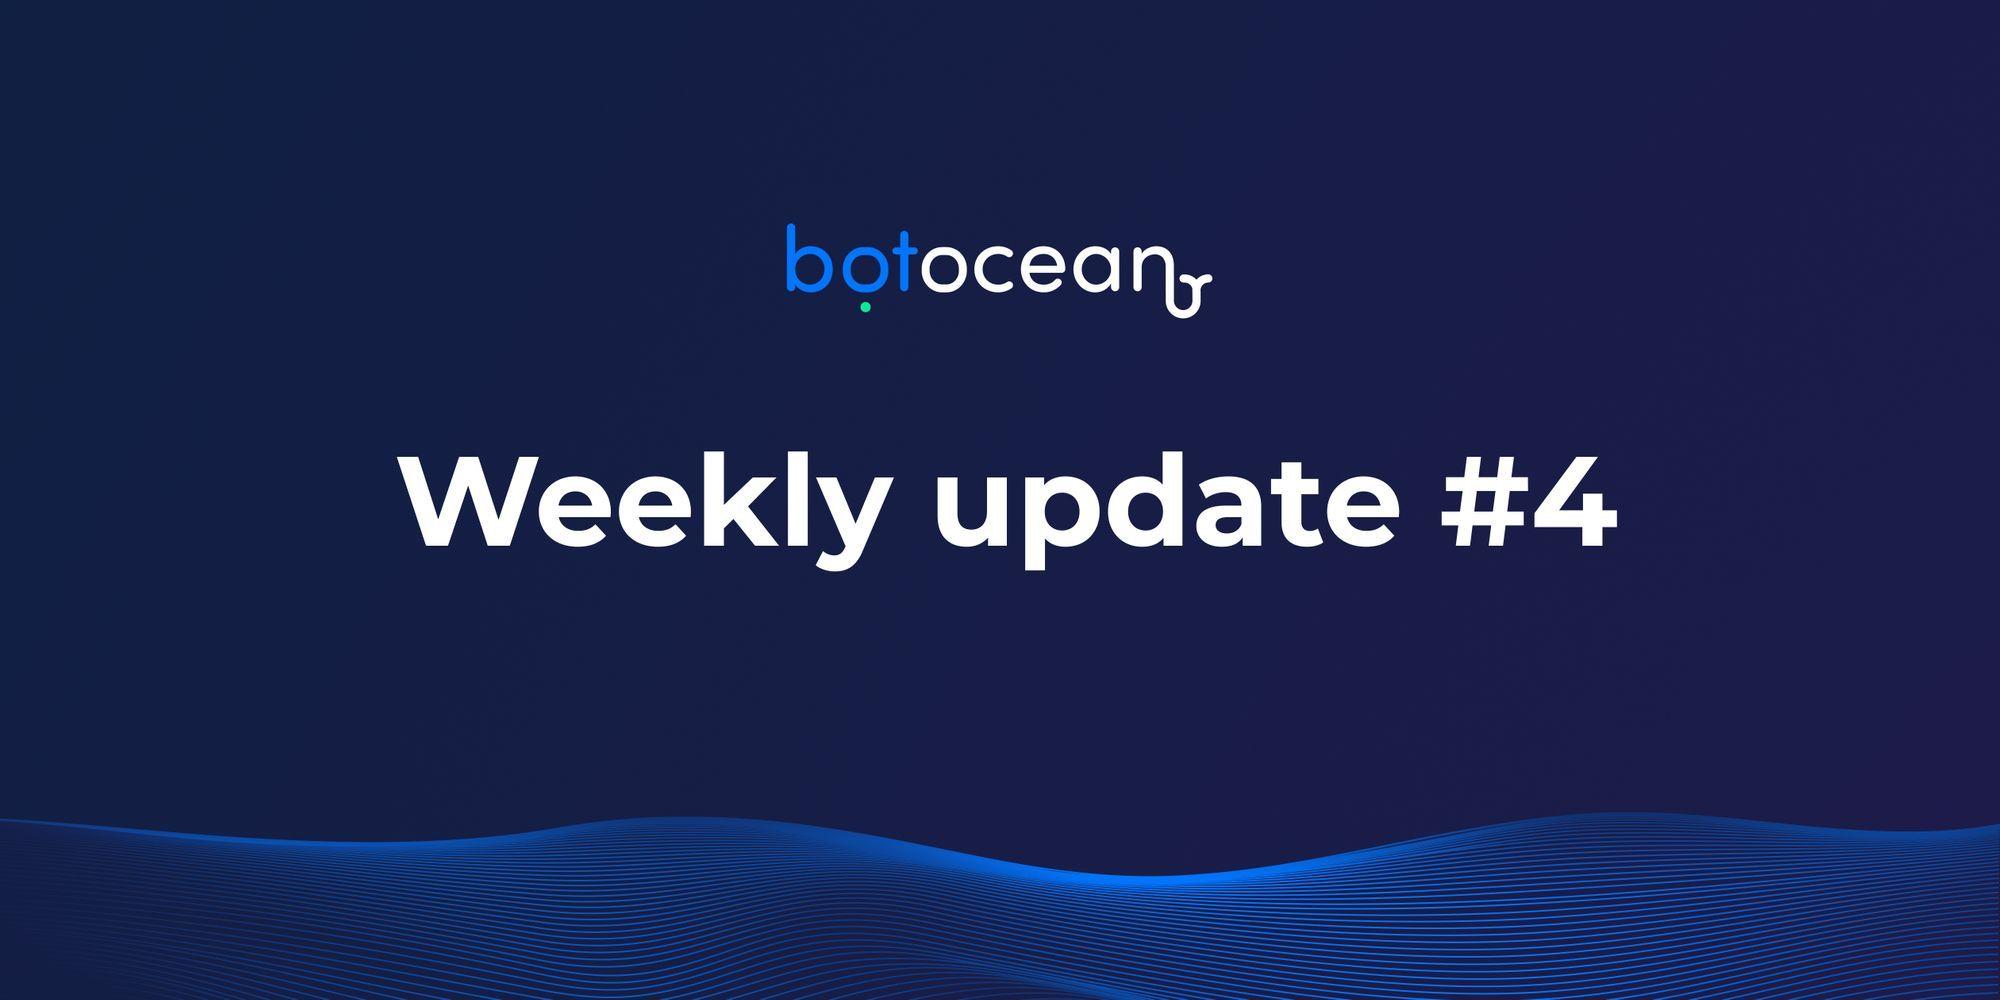 Bot Ocean Inc Weekly update